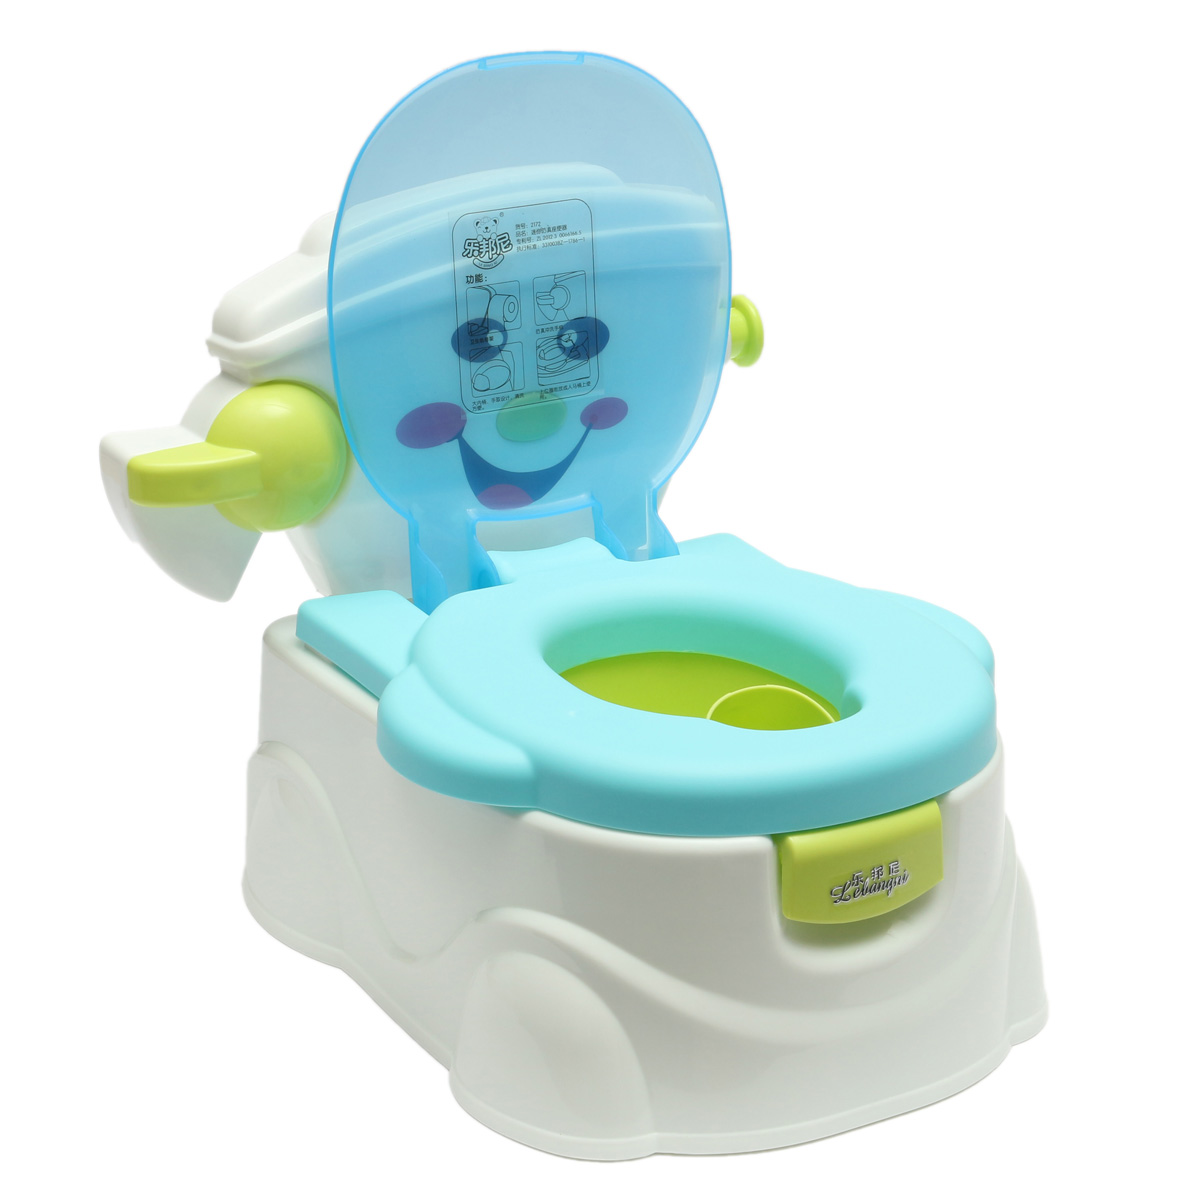 Potty Chair Large Child Folding For Study Siège Bébé Pot Promotion Achetez Des